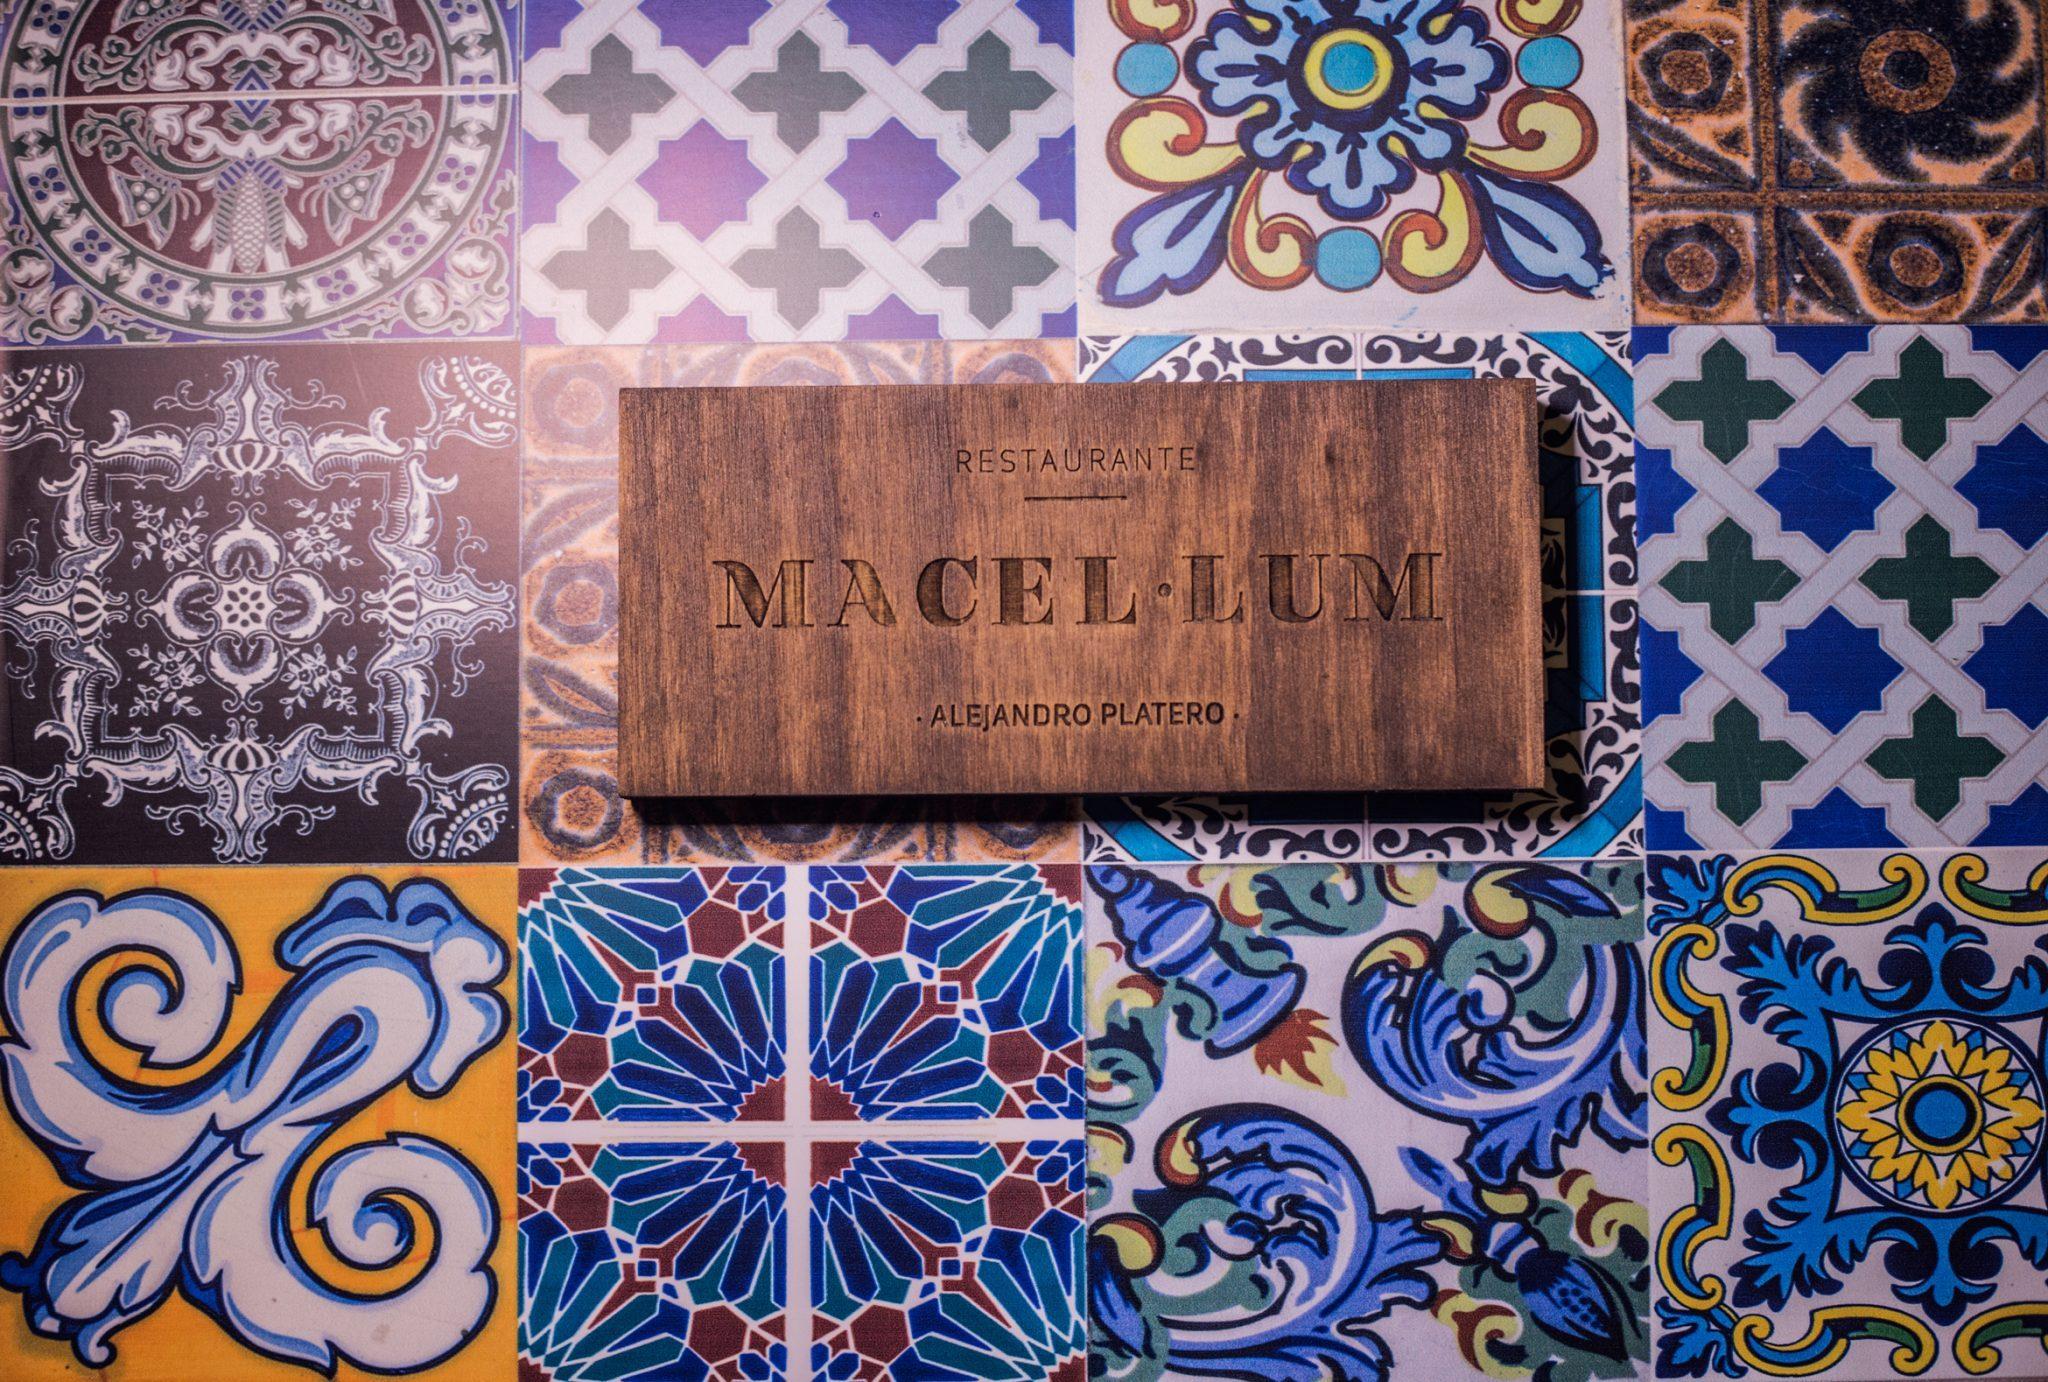 marcelum-detalle-mosaico